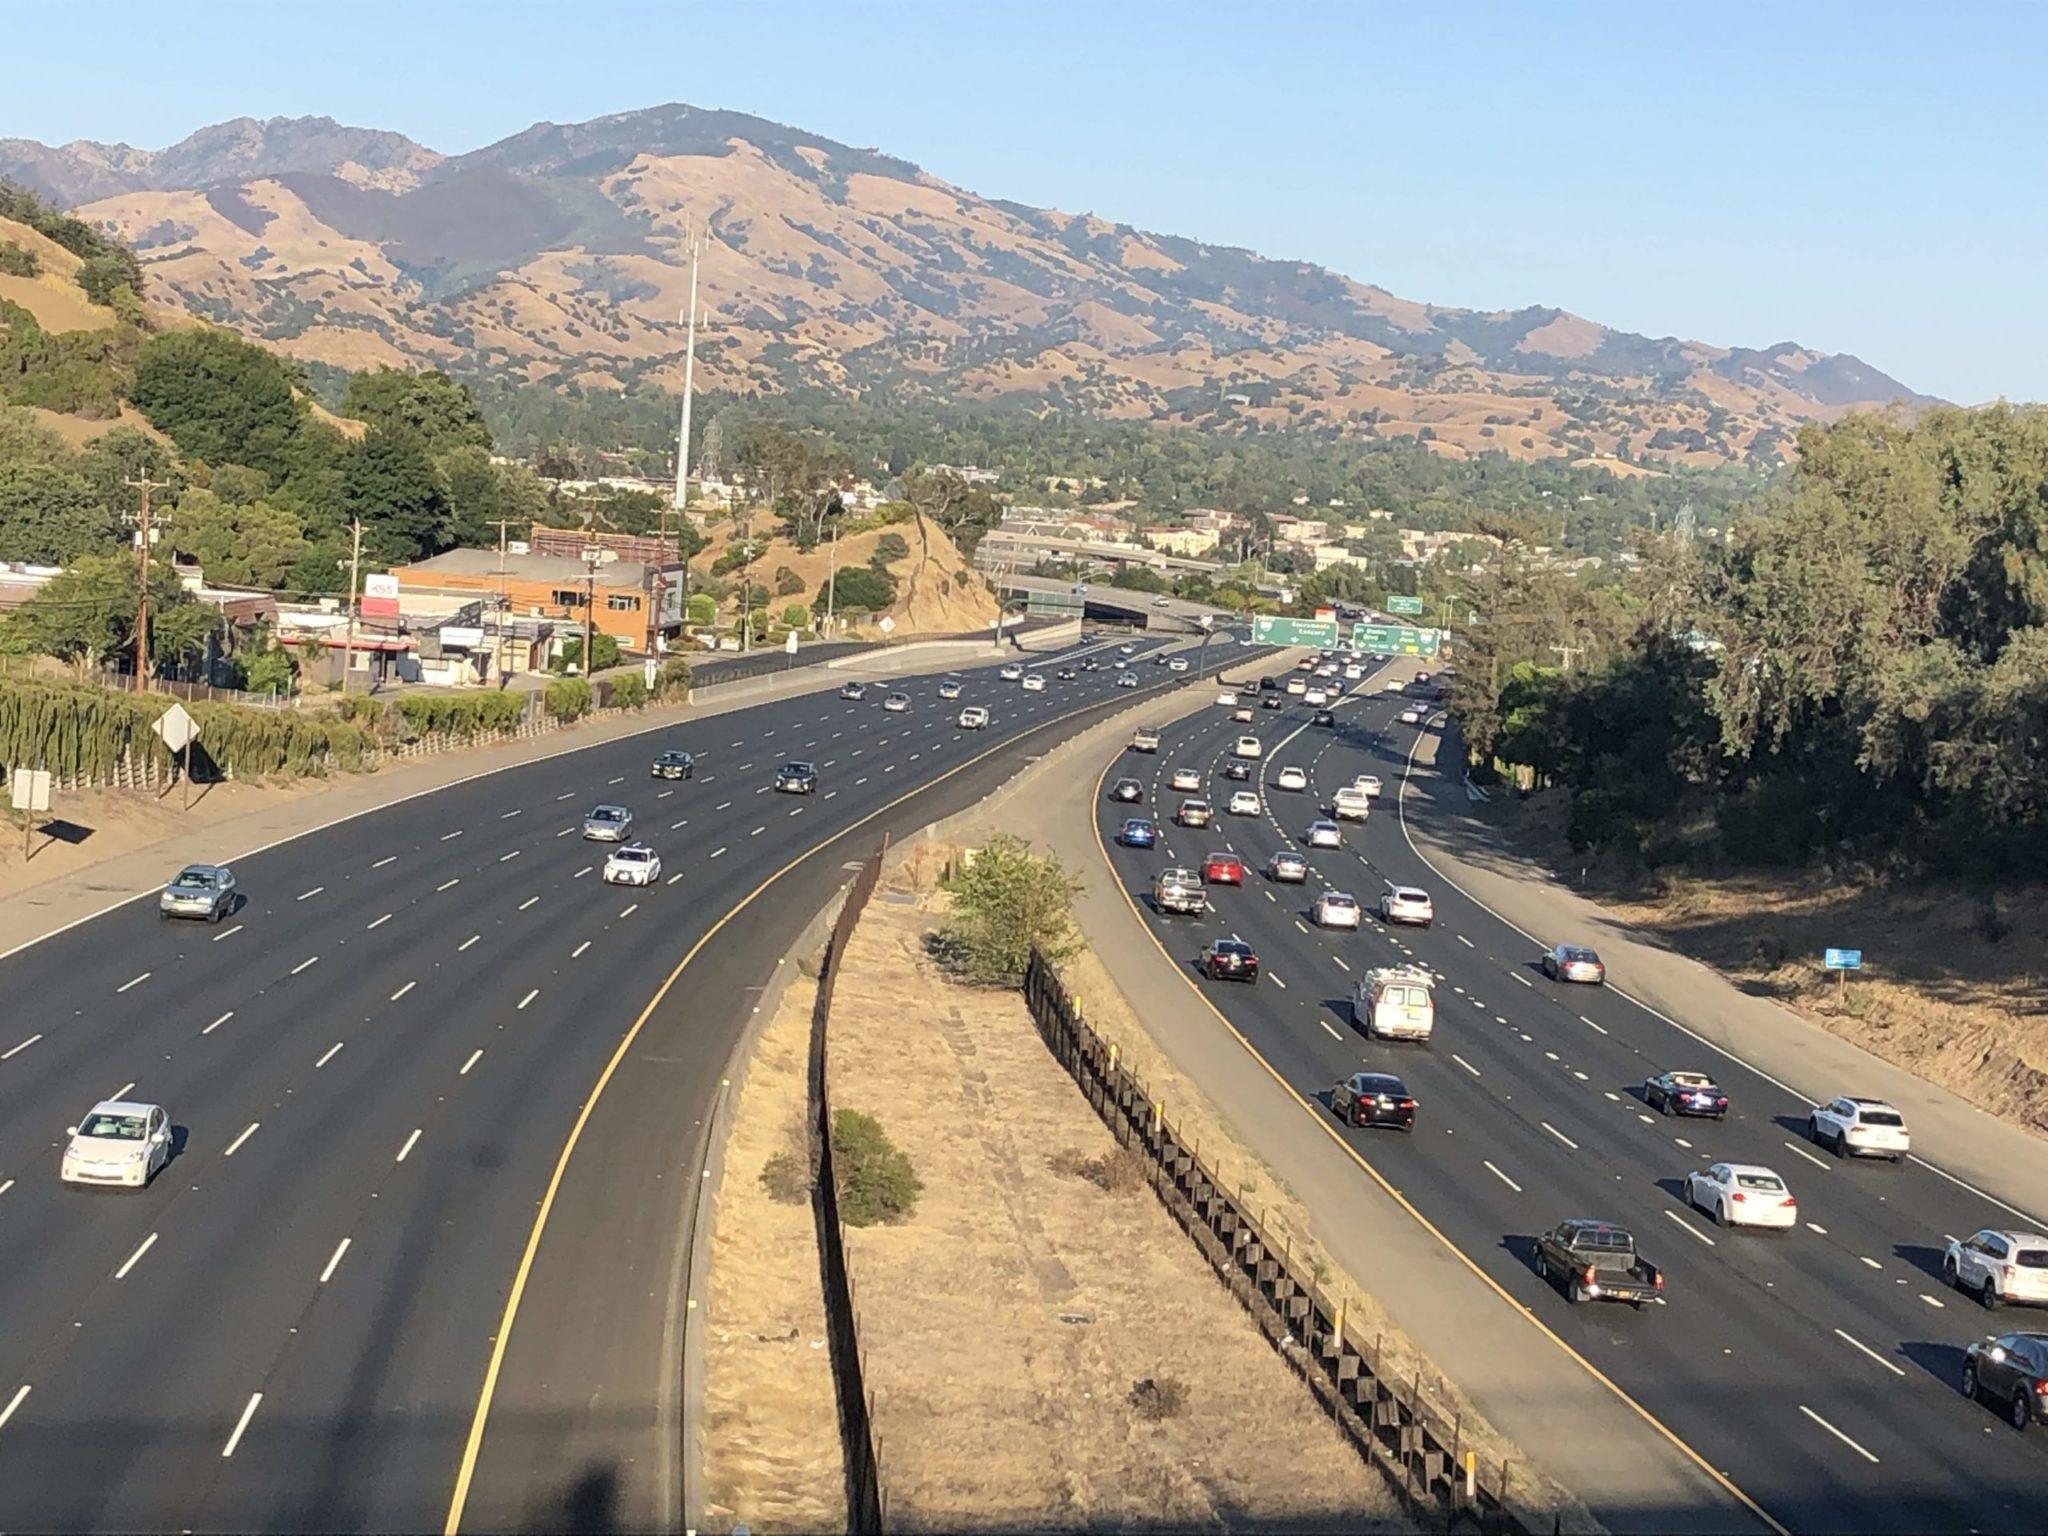 Santa Ana, CA - Injury Accident on I-405 S near University Dr